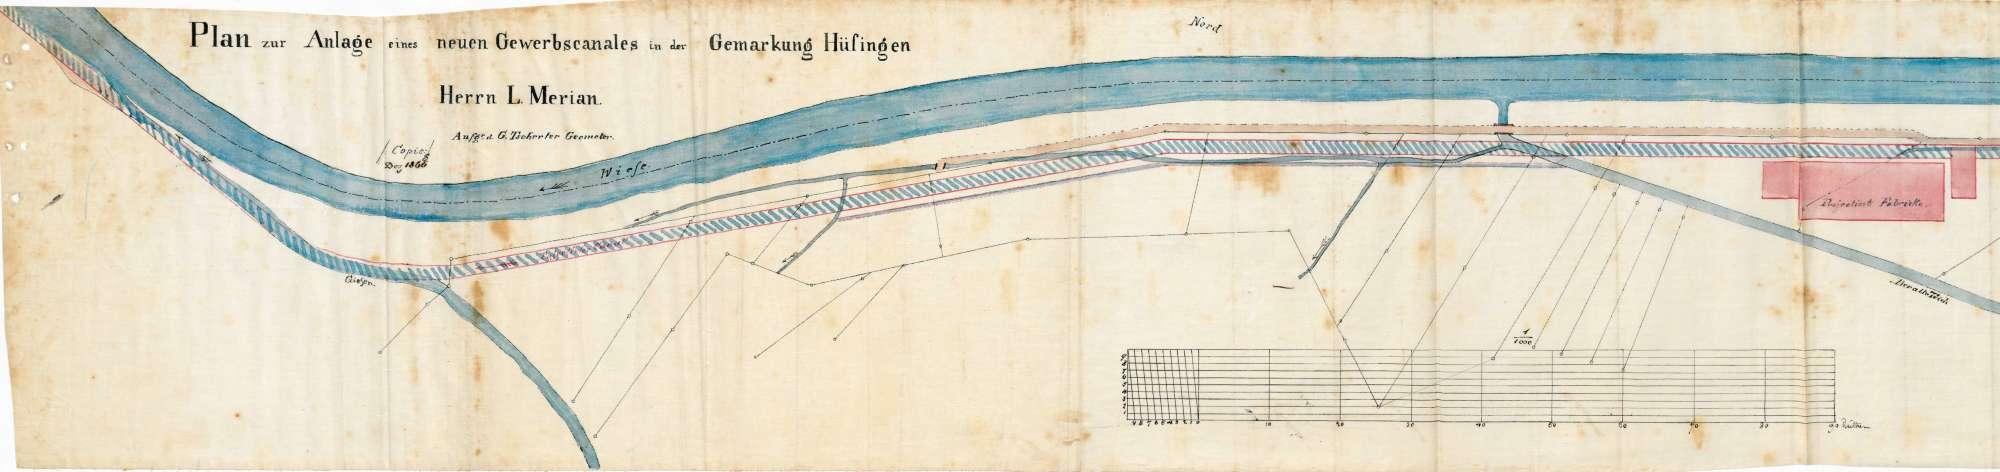 Einrichtung eines Wasserwerks durch den Fabrikanten Louis Merian in Höllstein; Beschwerden von wasserberechtigten Mitbesitzern, Bild 1